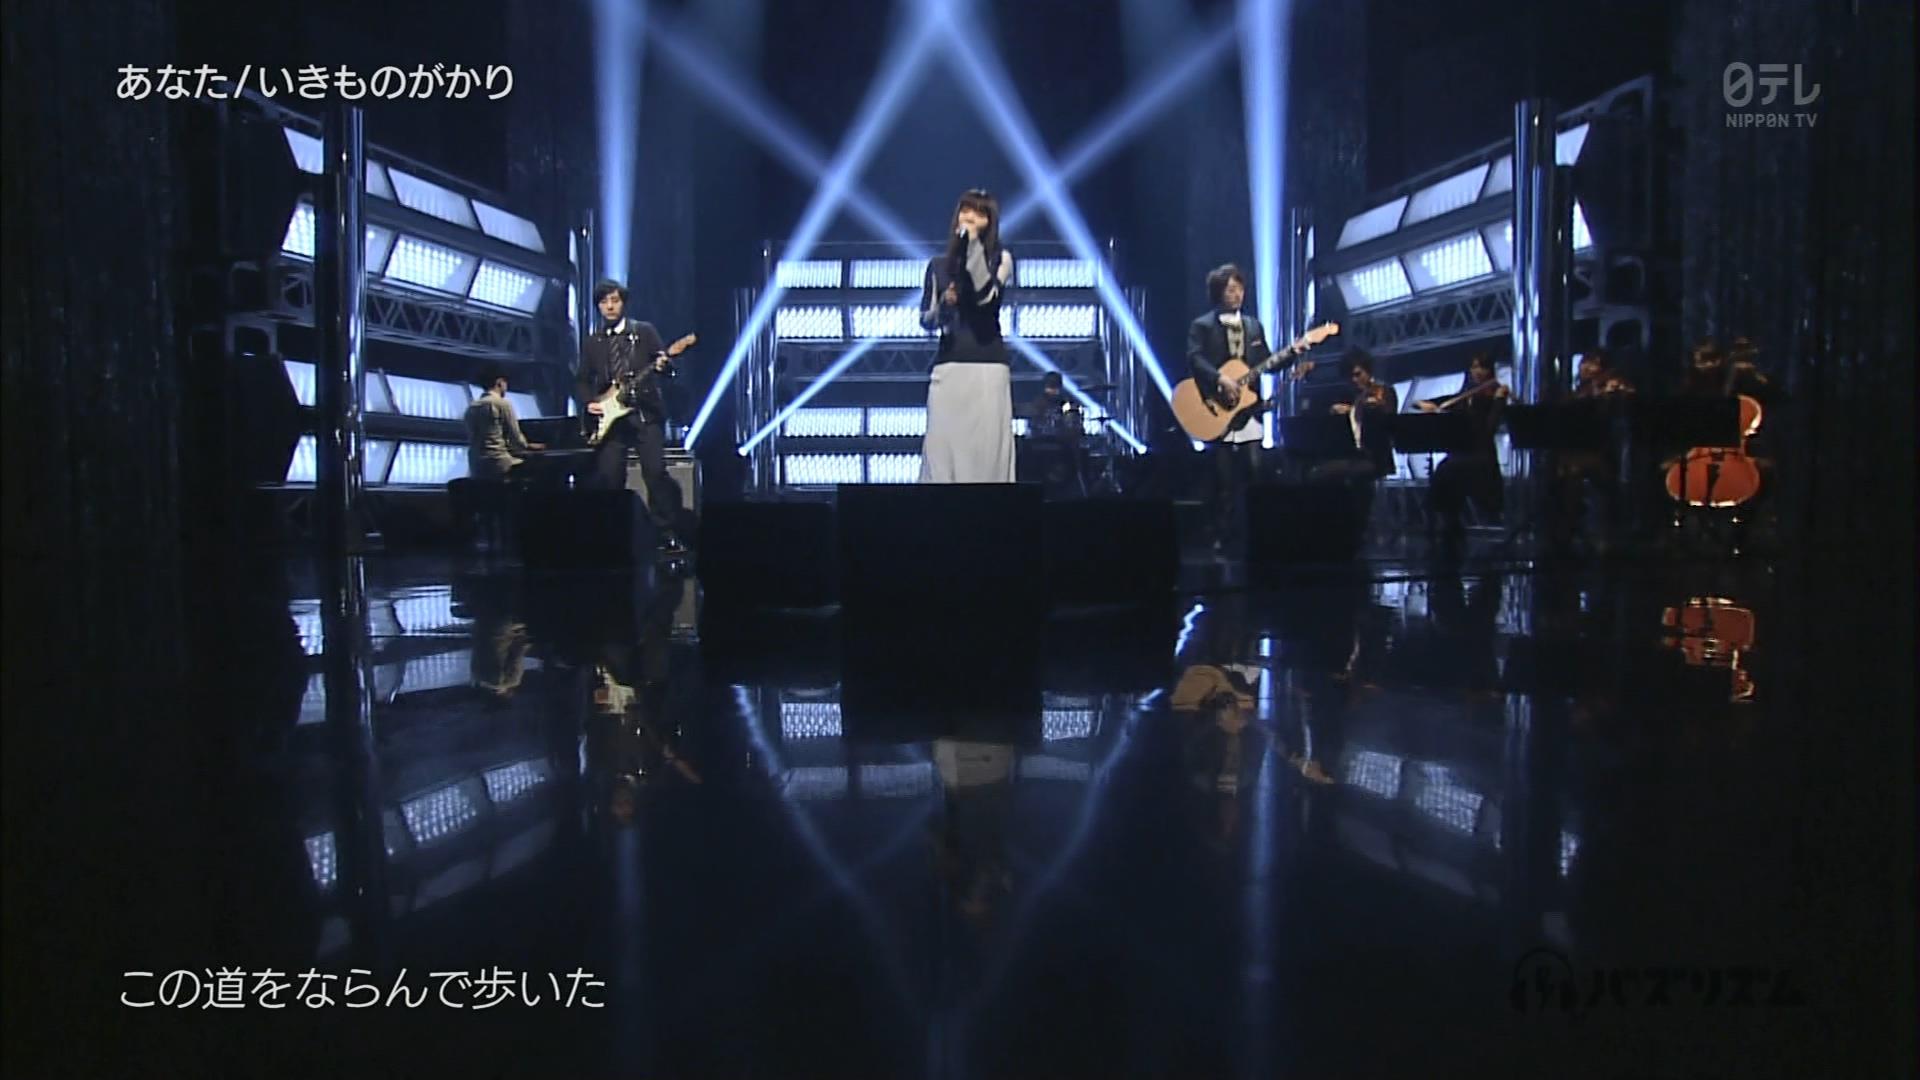 2016.03.11 全場(バズリズム).ts_20160312_022323.184